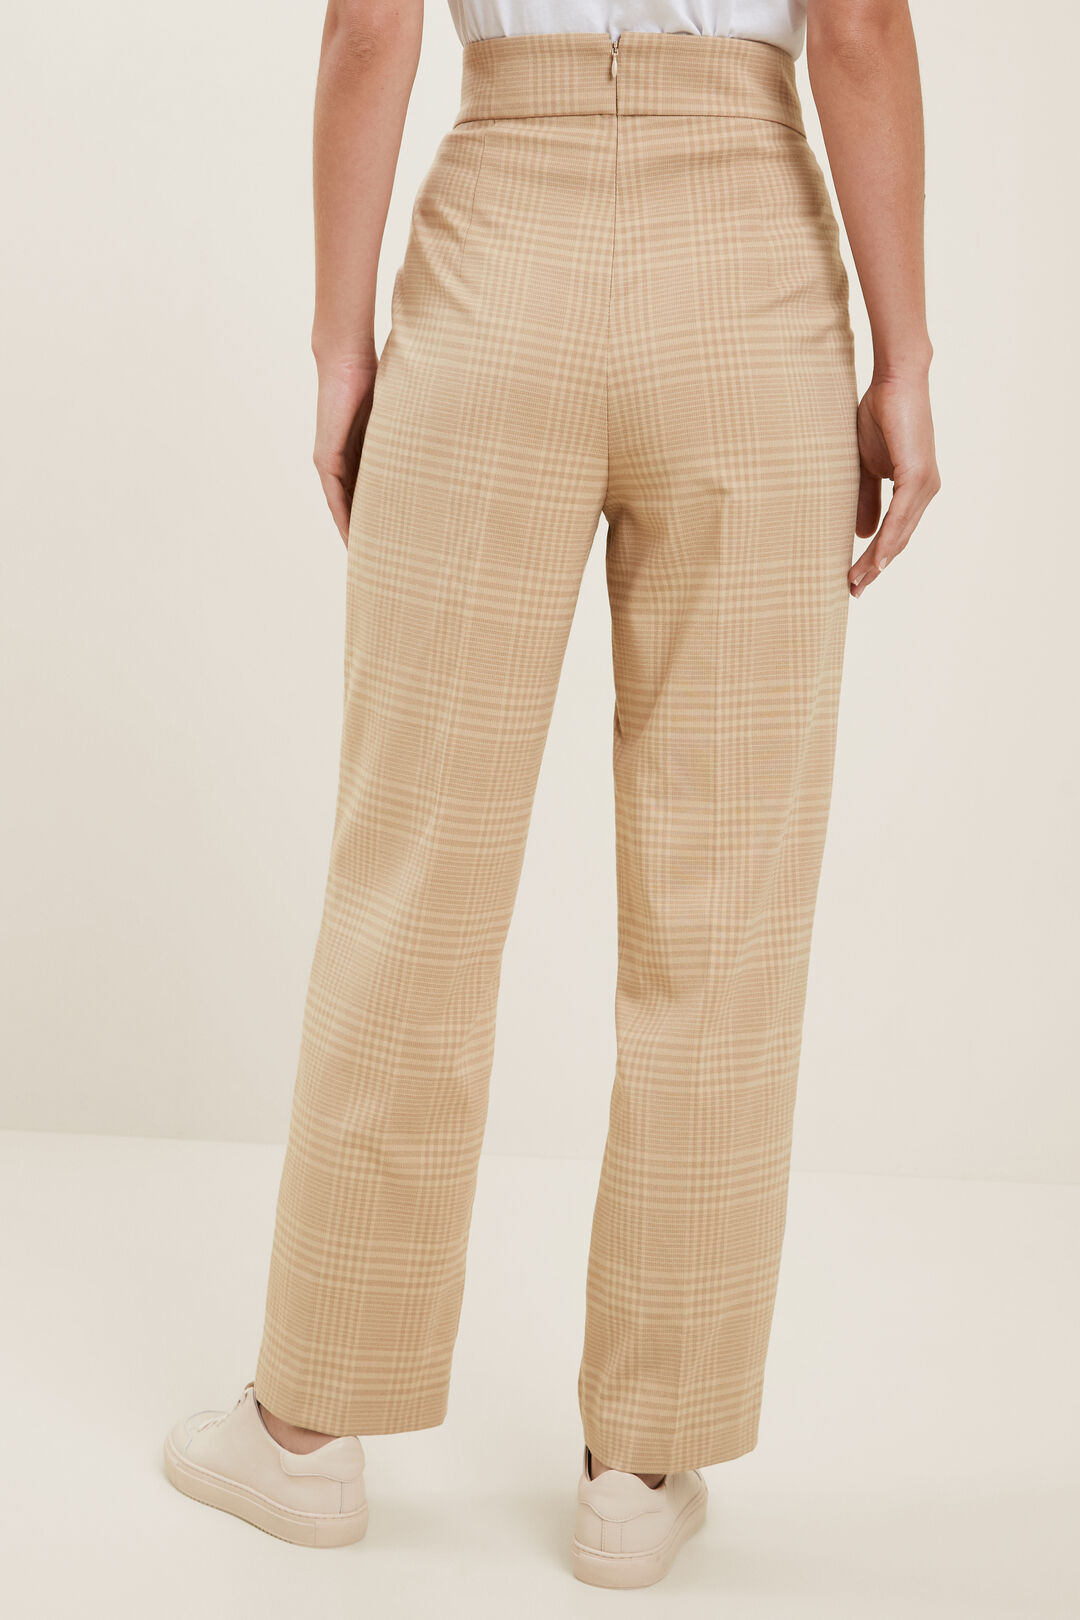 Plaid Suit Pant  PLAID  hi-res